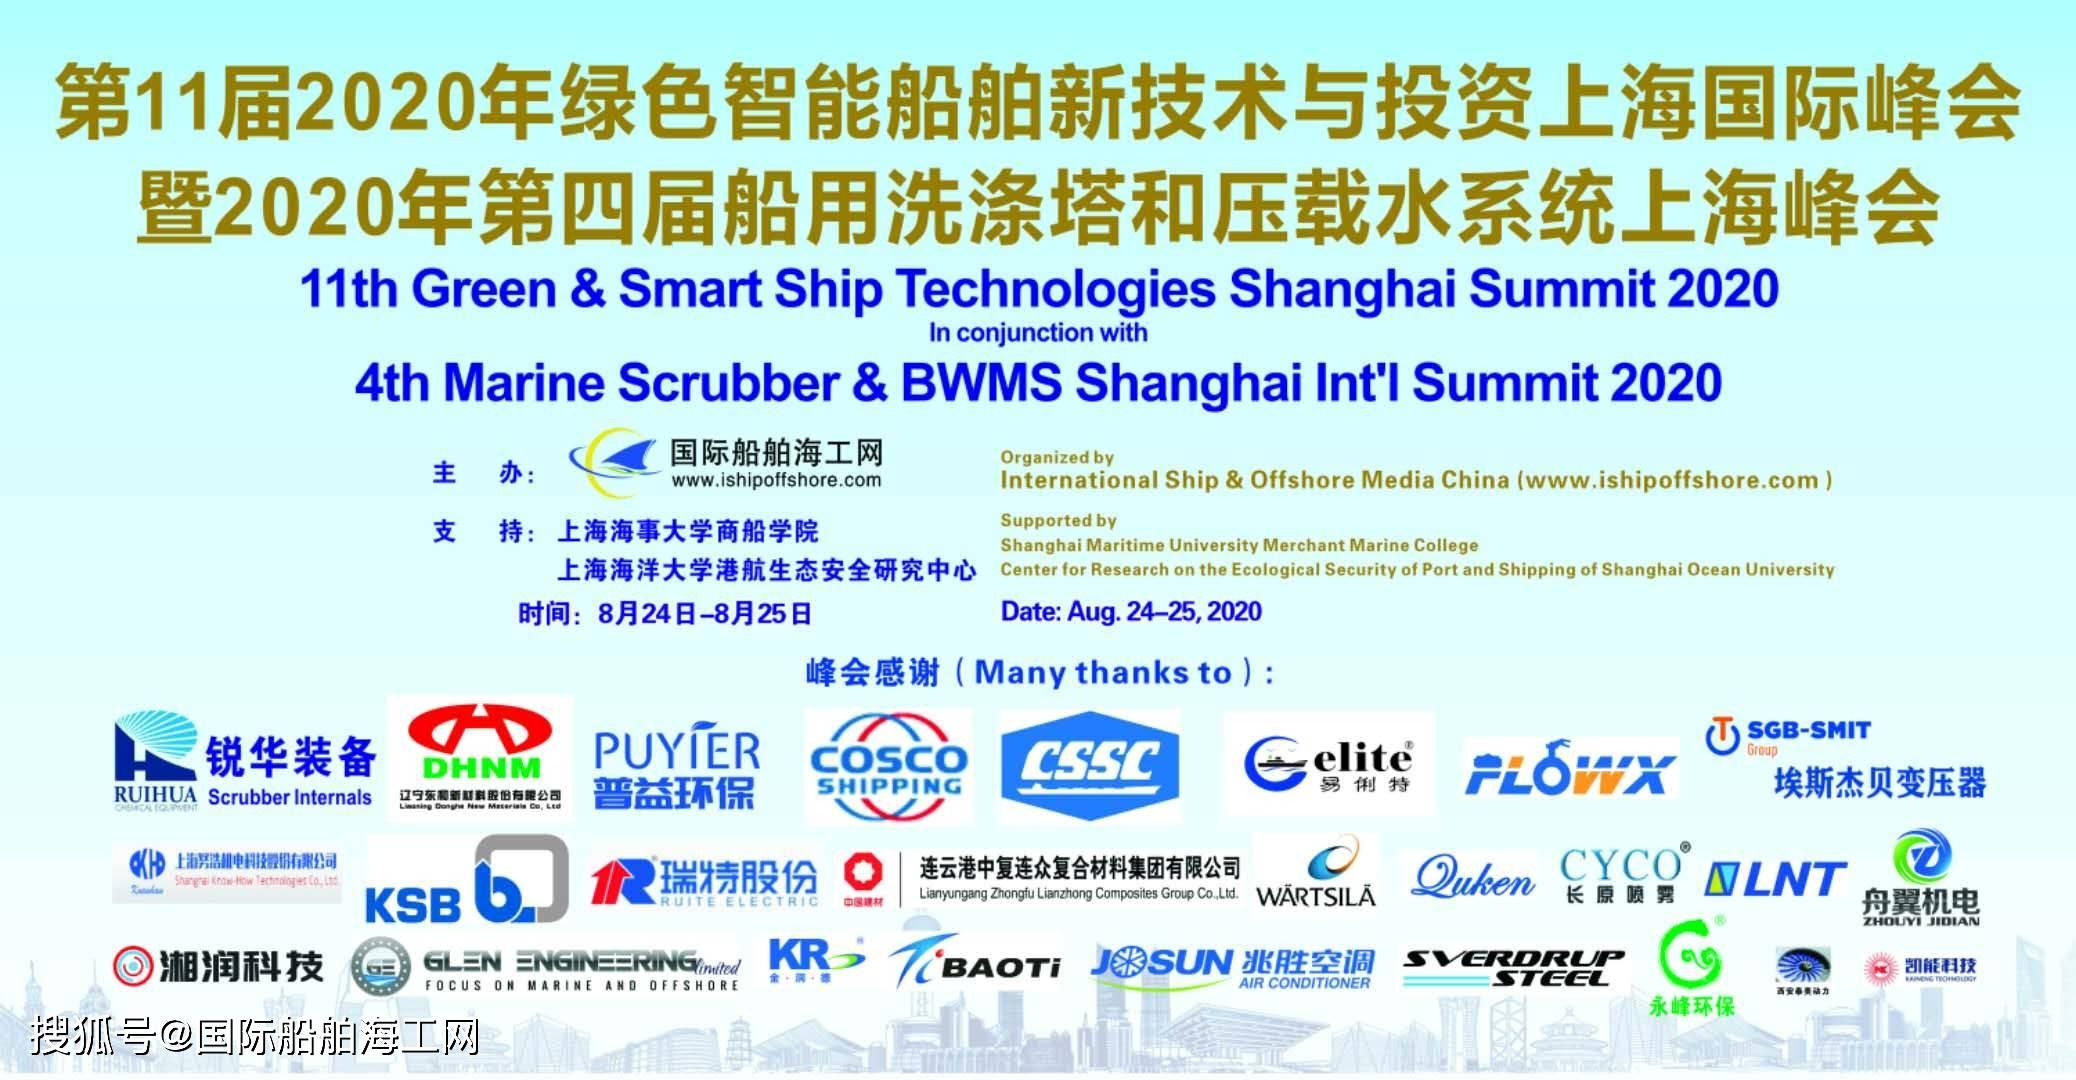 上海船舶研究设计院新任院长吕智勇出席与广船国际签署战略互